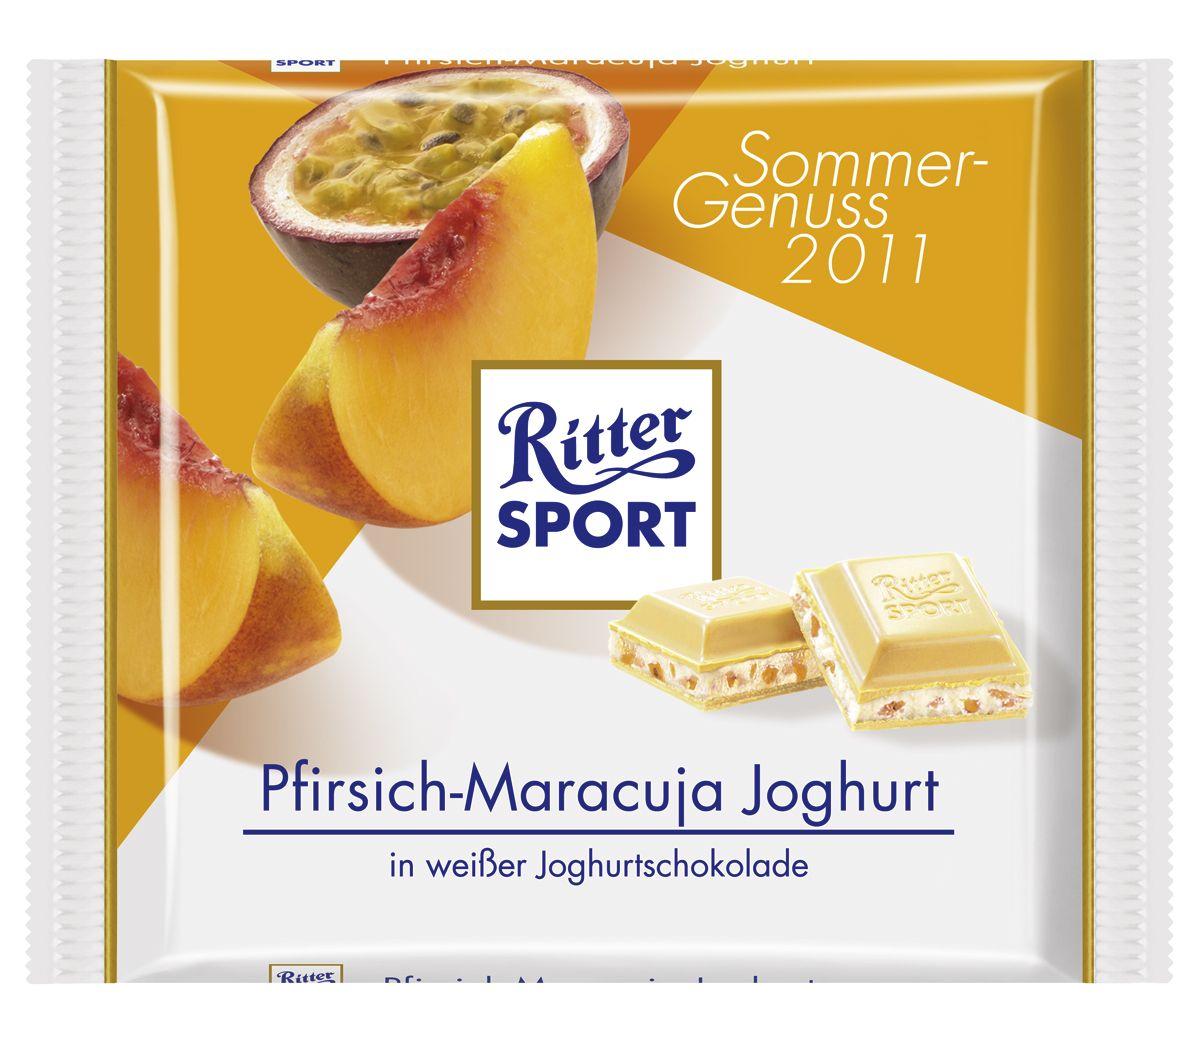 RITTER SPORT PfirsichMaracuja Joghurt (2011) Ritter